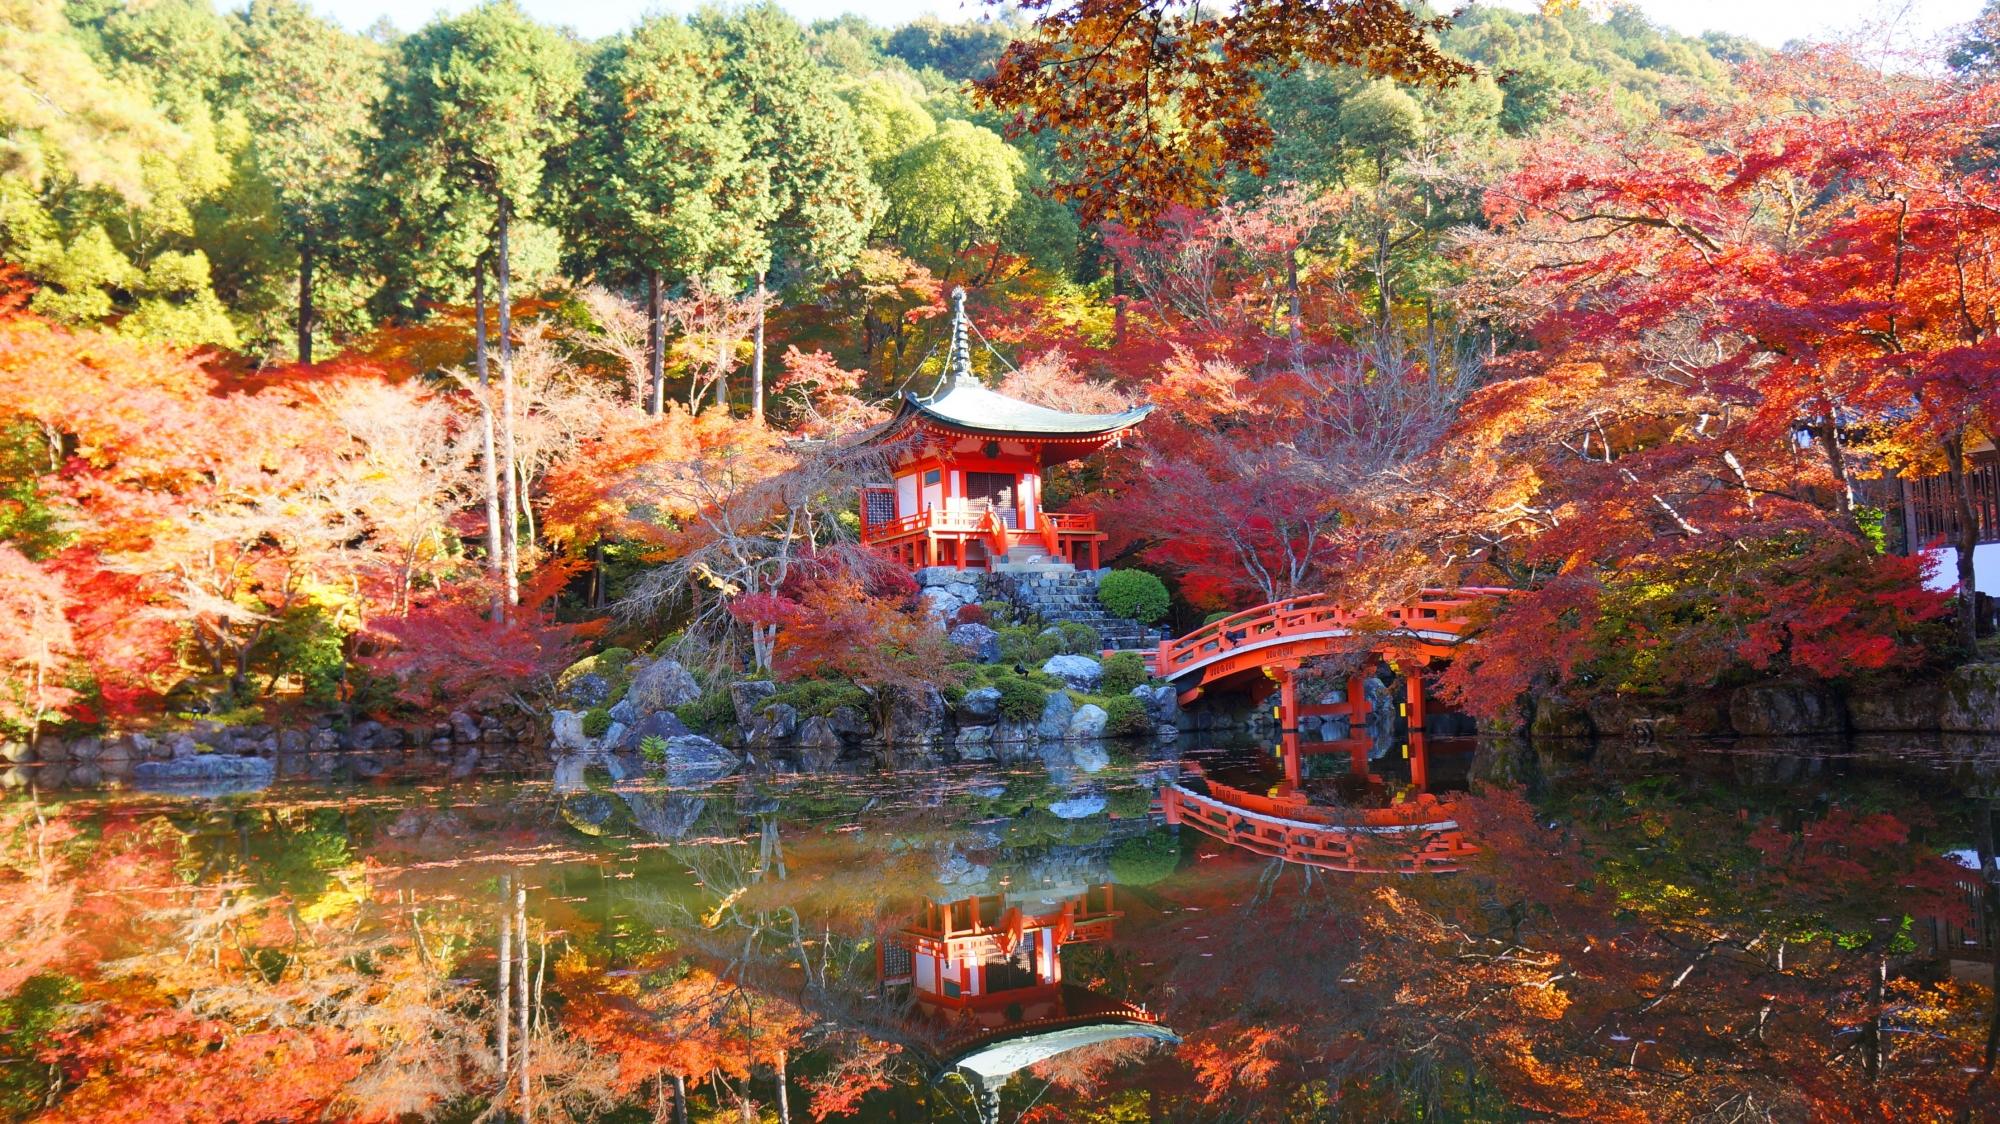 醍醐寺の弁天堂と水辺を彩る美しい紅葉